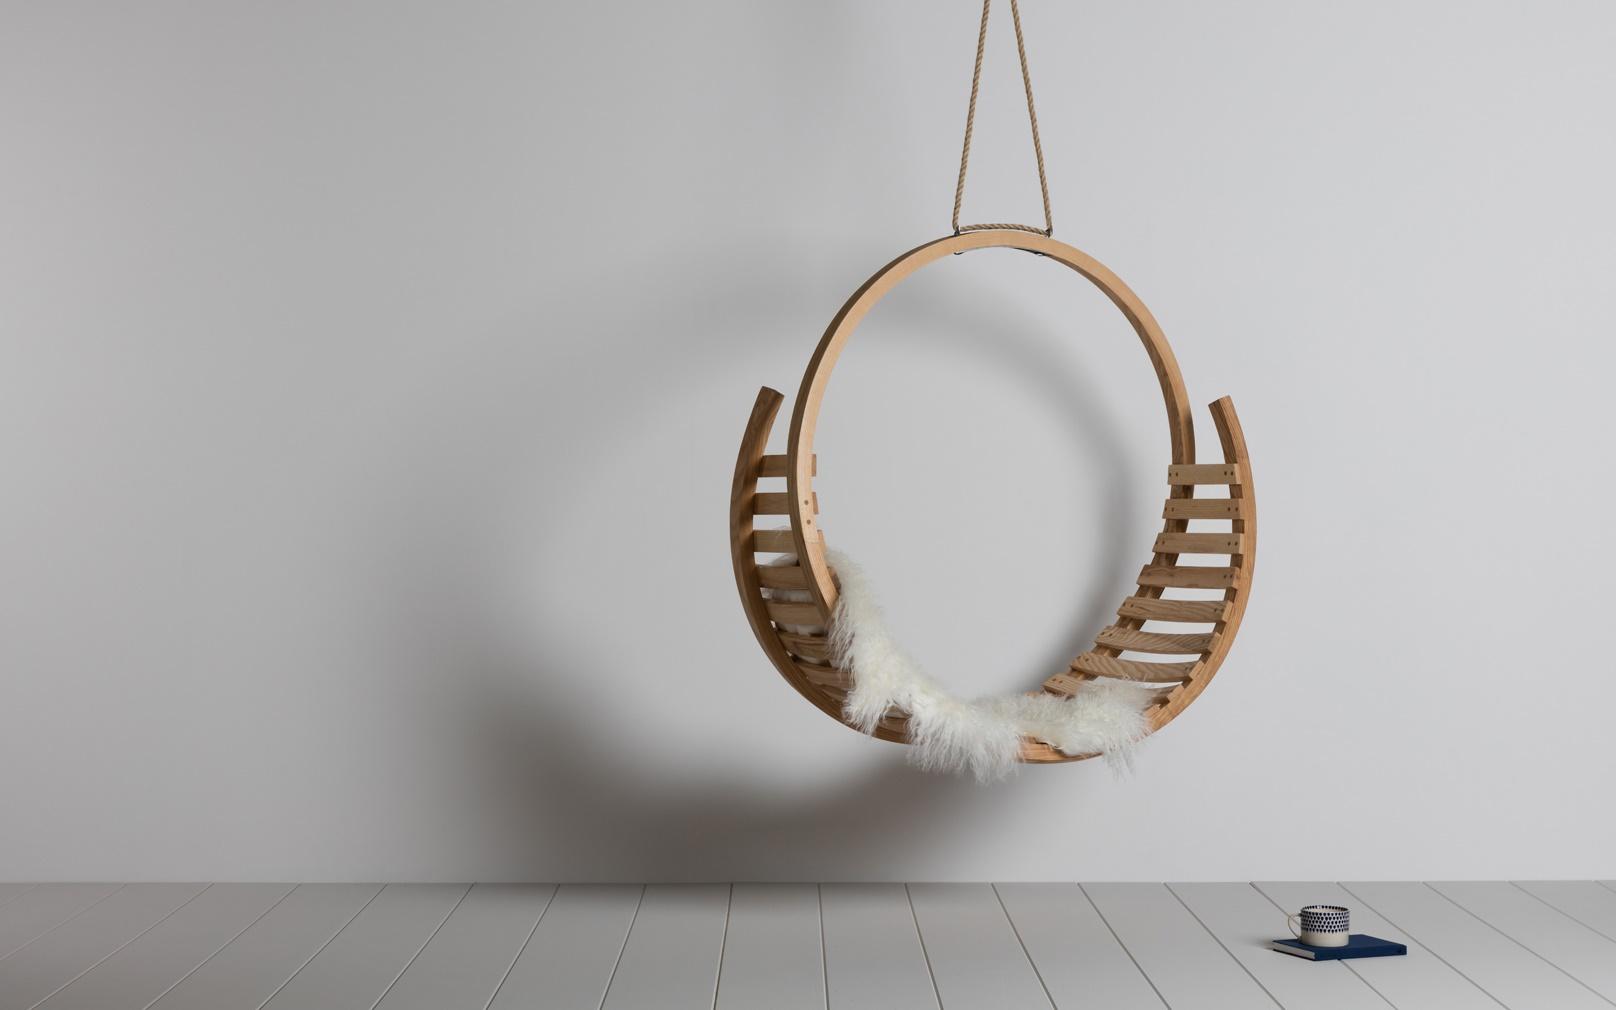 Amble Hanging Seat Lifestyle L 1180 x W 550 x H 1160.jpg